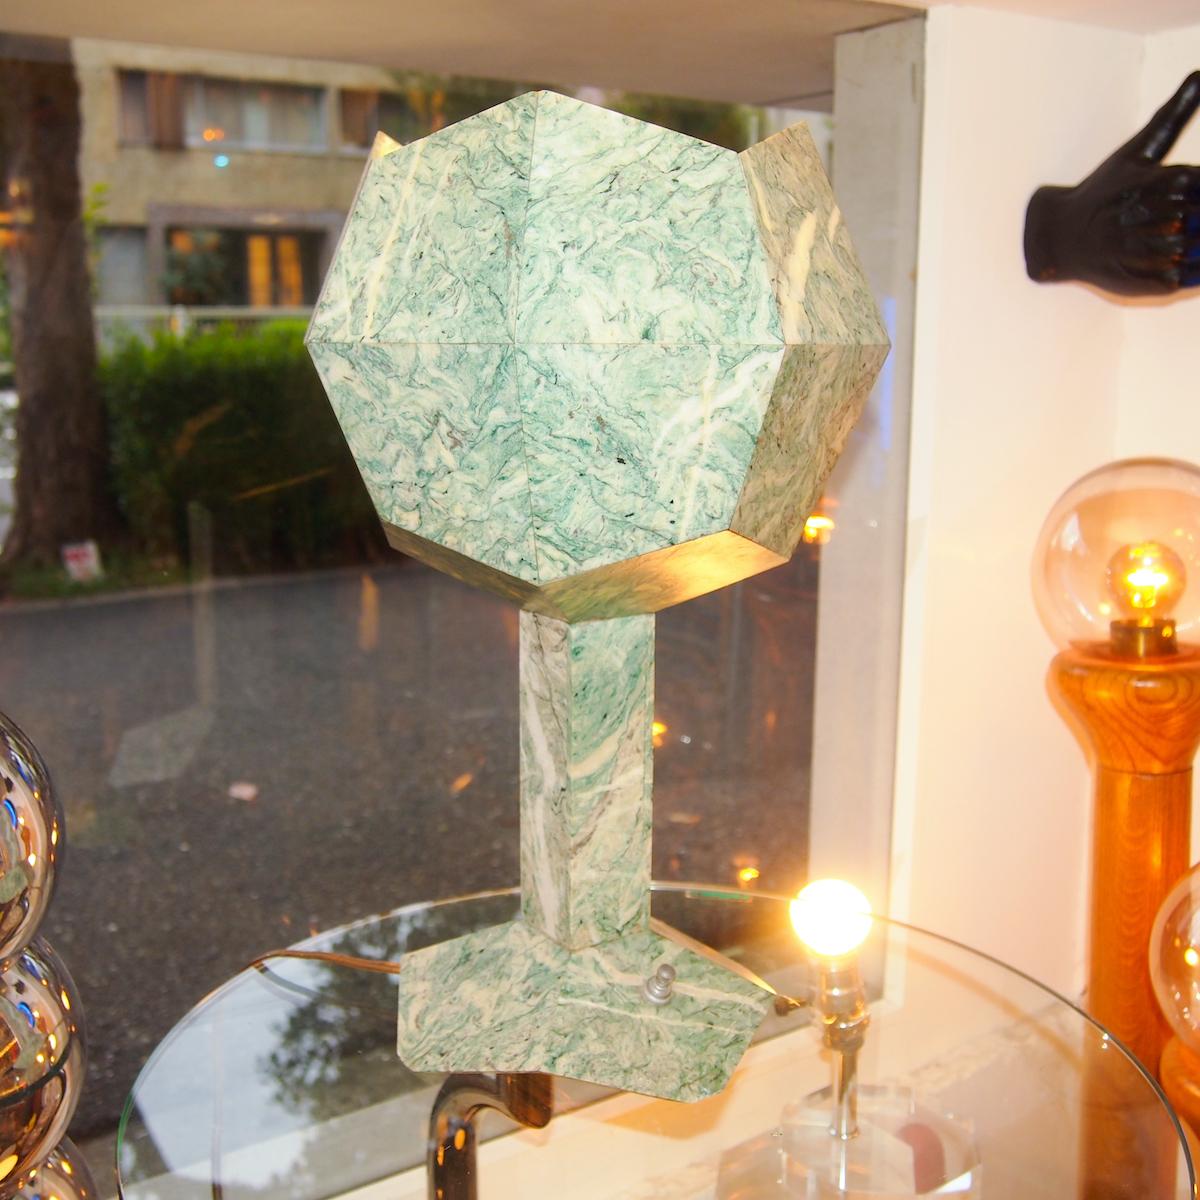 高級感ある石でできたヴィンテージの照明は、まるで宇宙から拾ってきた謎の石のような佇まい。¥49,500